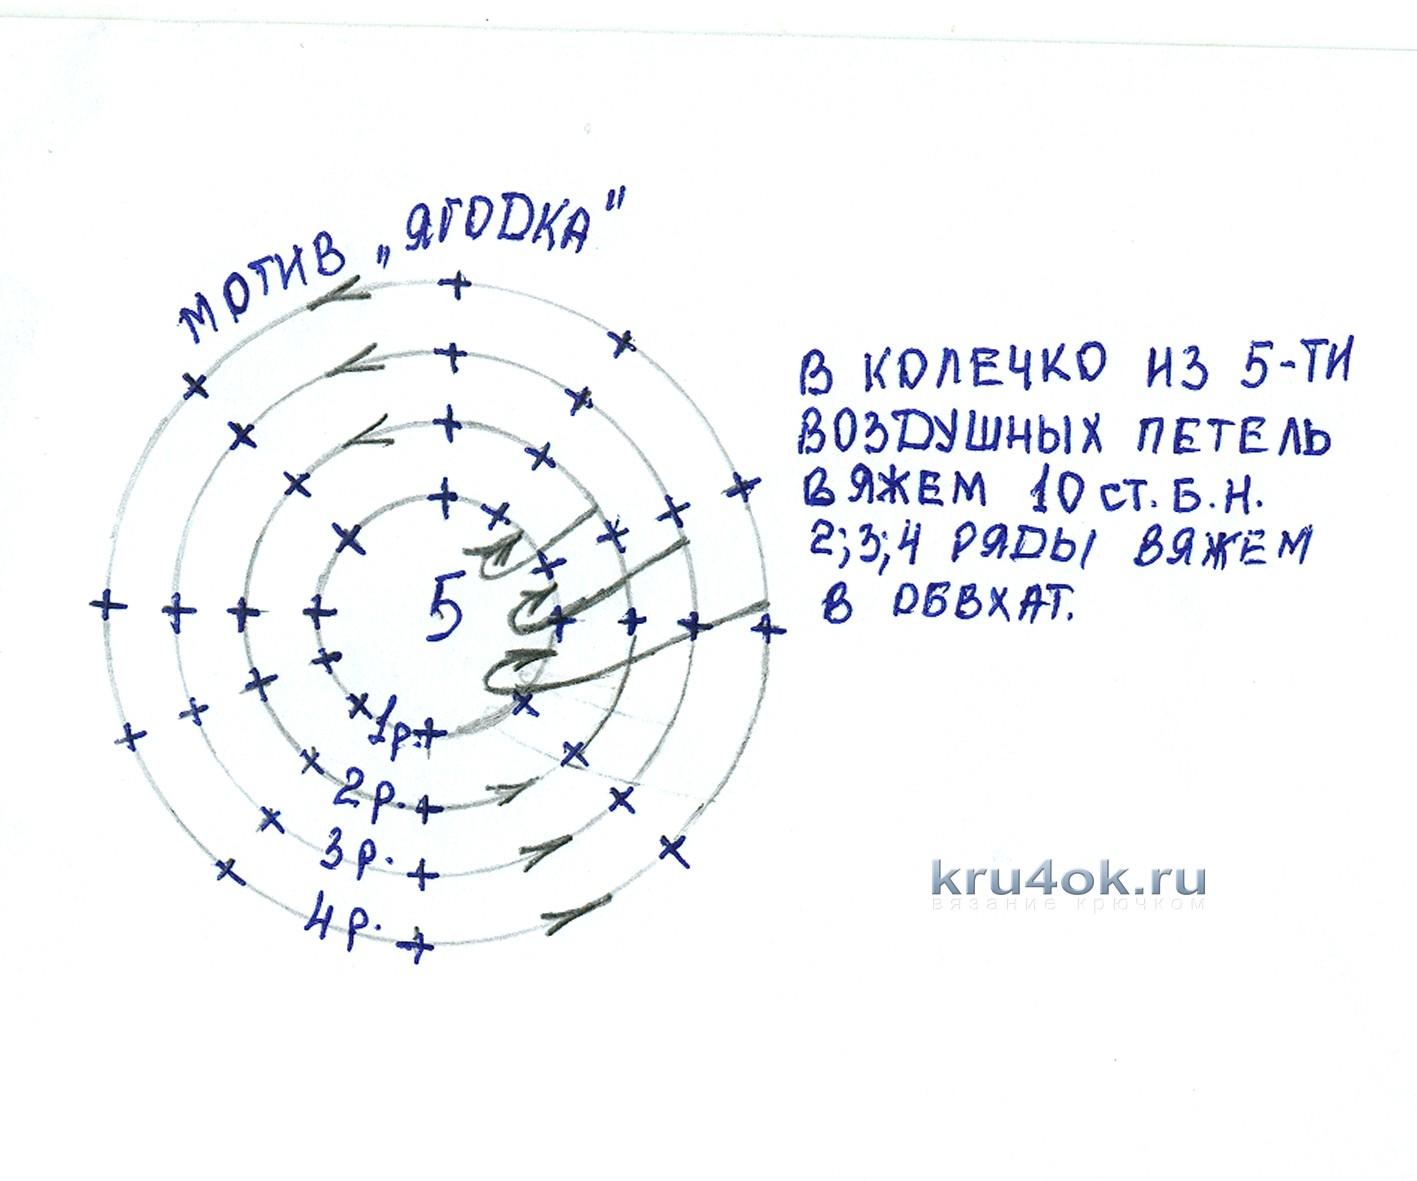 картина ru: